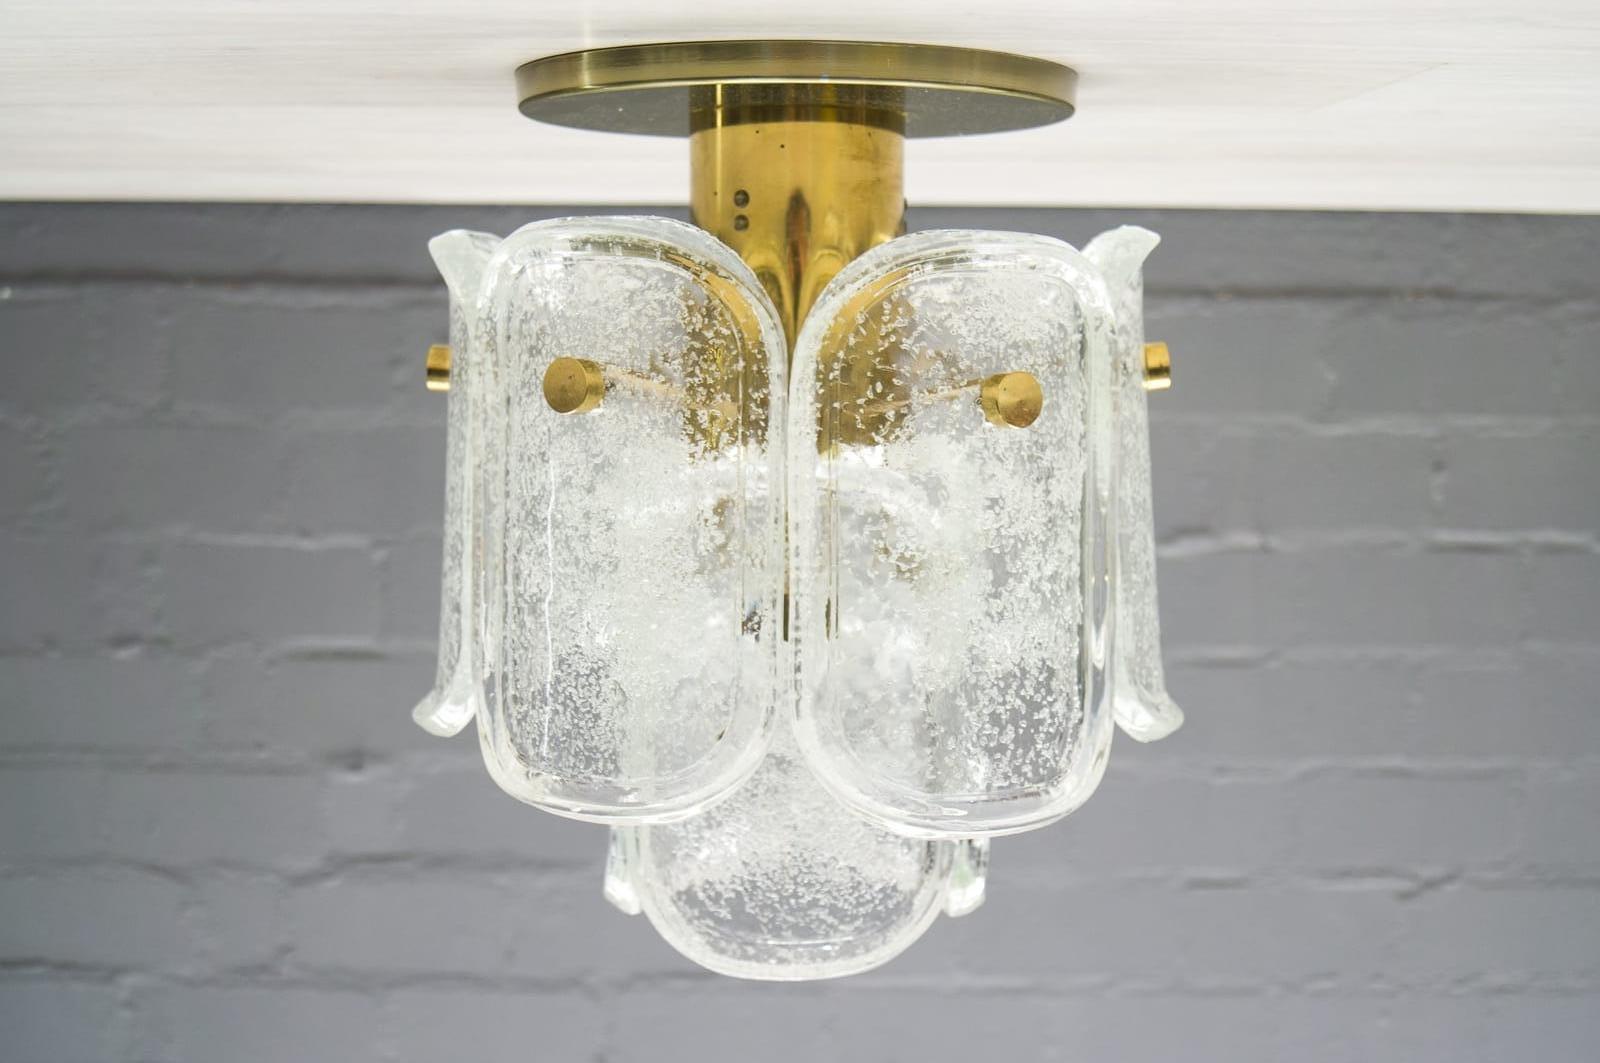 Deckenlampe mit Neun Schweren Eisglas Elementen von Limburg, 1960er